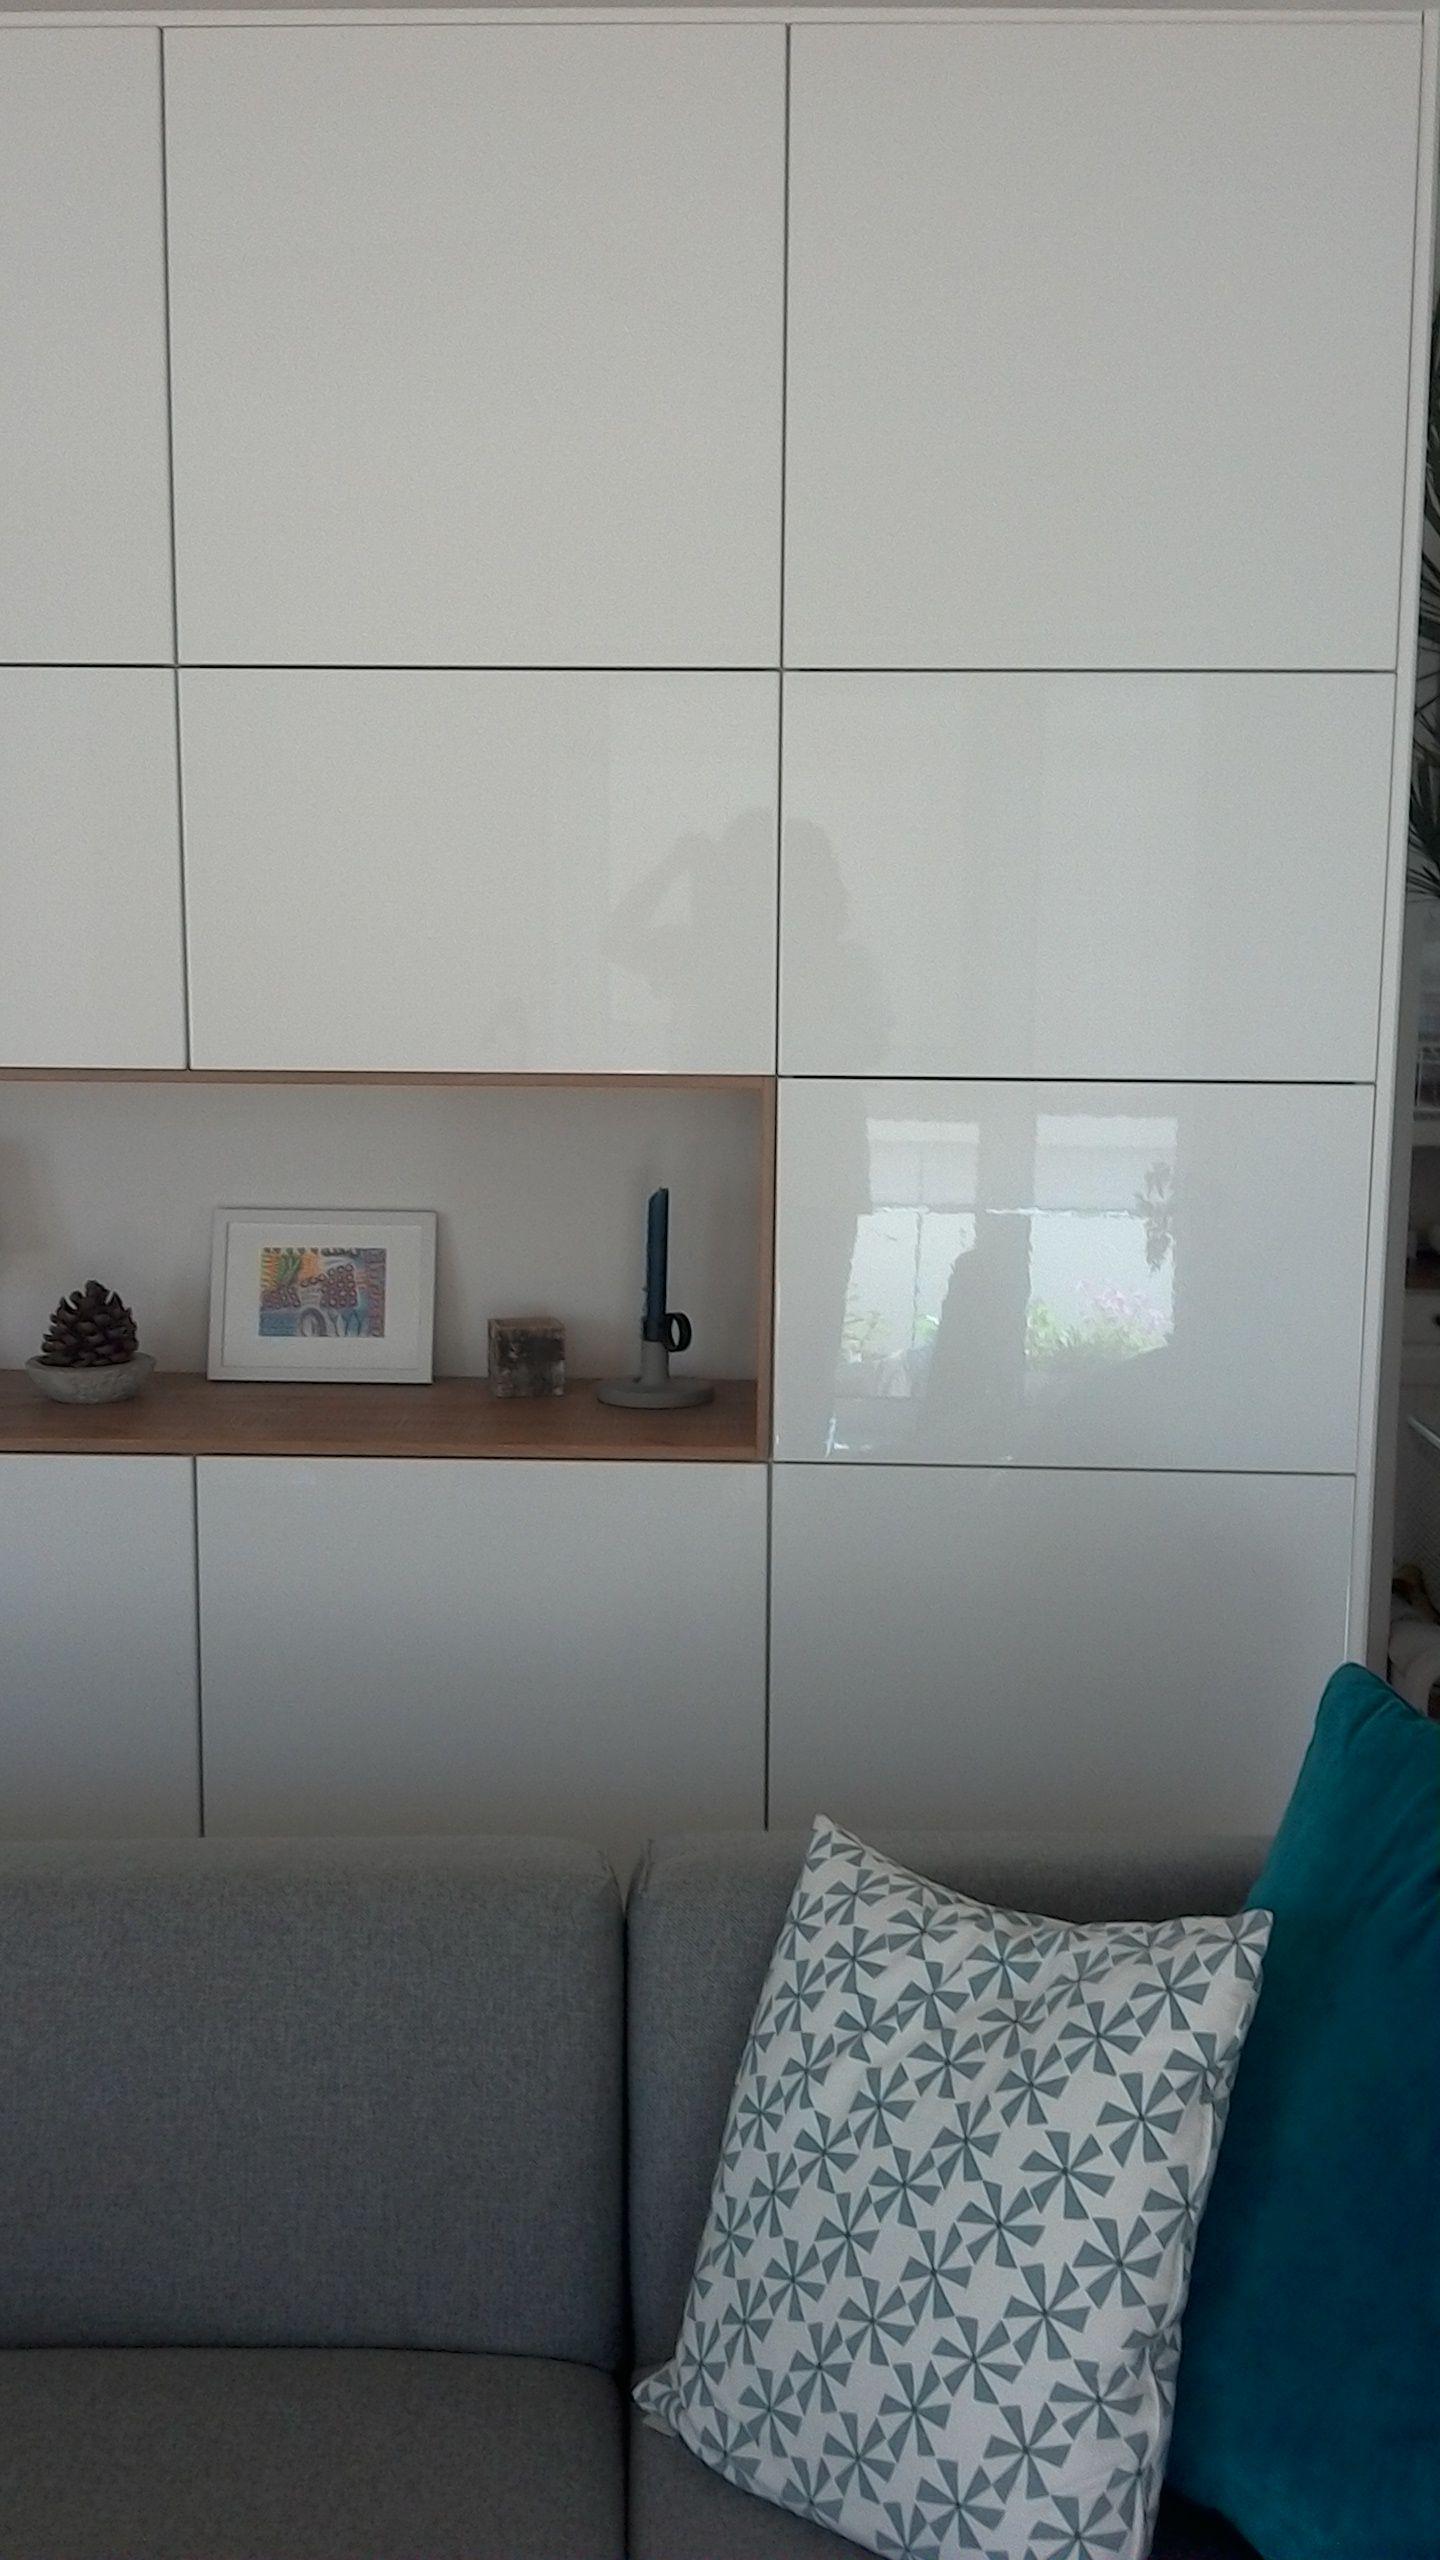 Wohnzimmerschrank ikea  Ikea Method Ringhult plus Hyttan als Wohnzimmerschrank | Potential ...